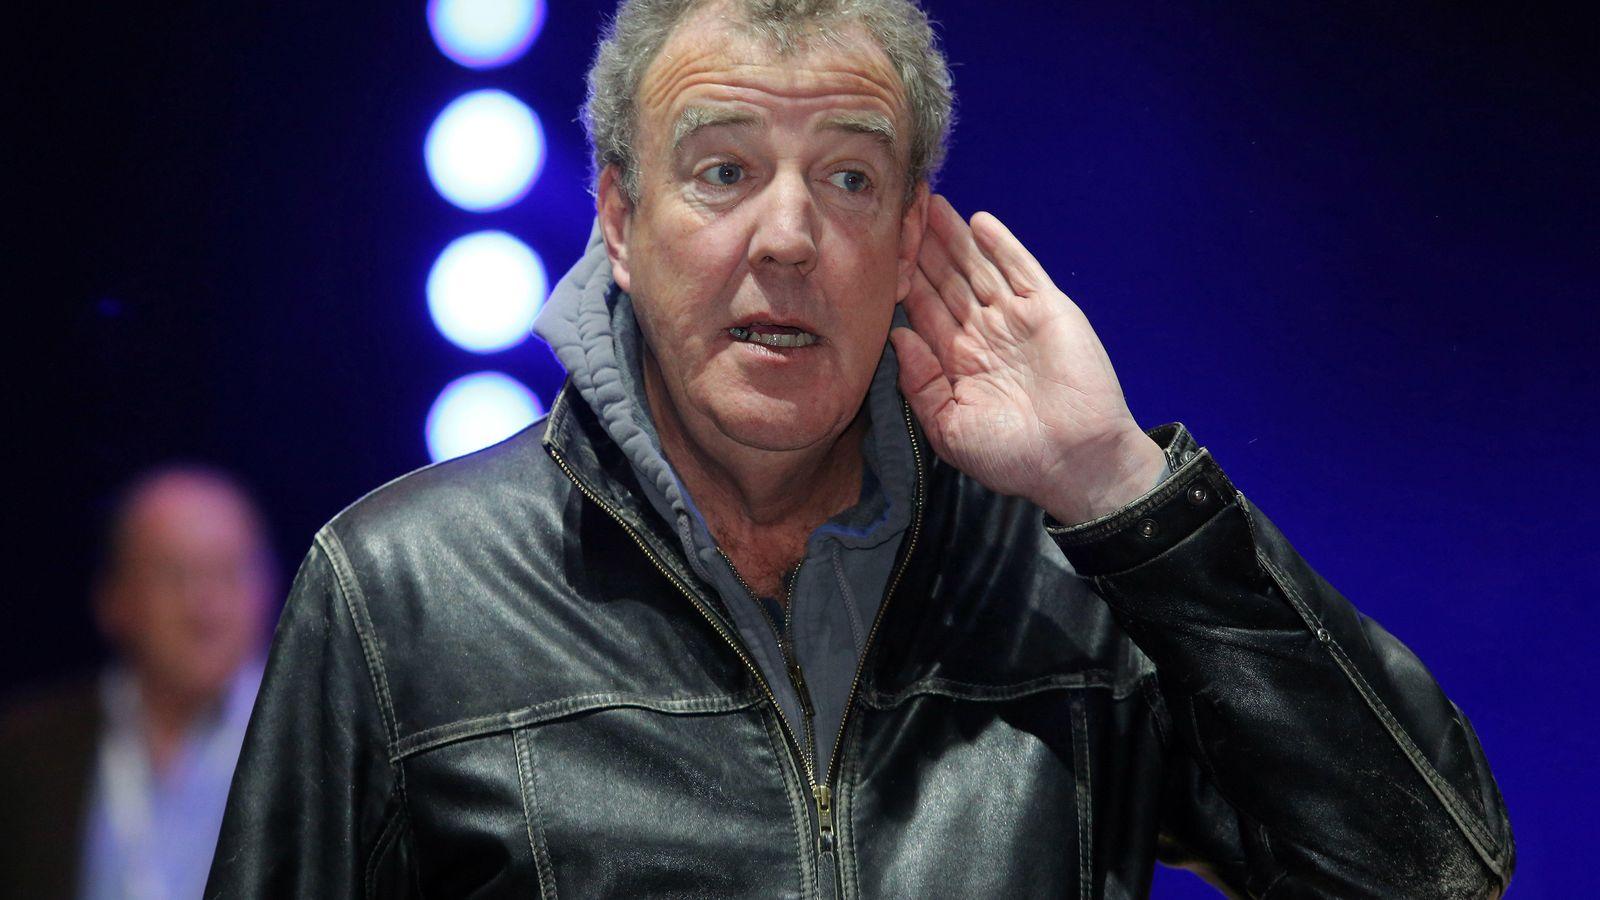 Foto: El presentador británico Jeremy Clarkson (Andrey Pronin/NurPhoto/Corbis)